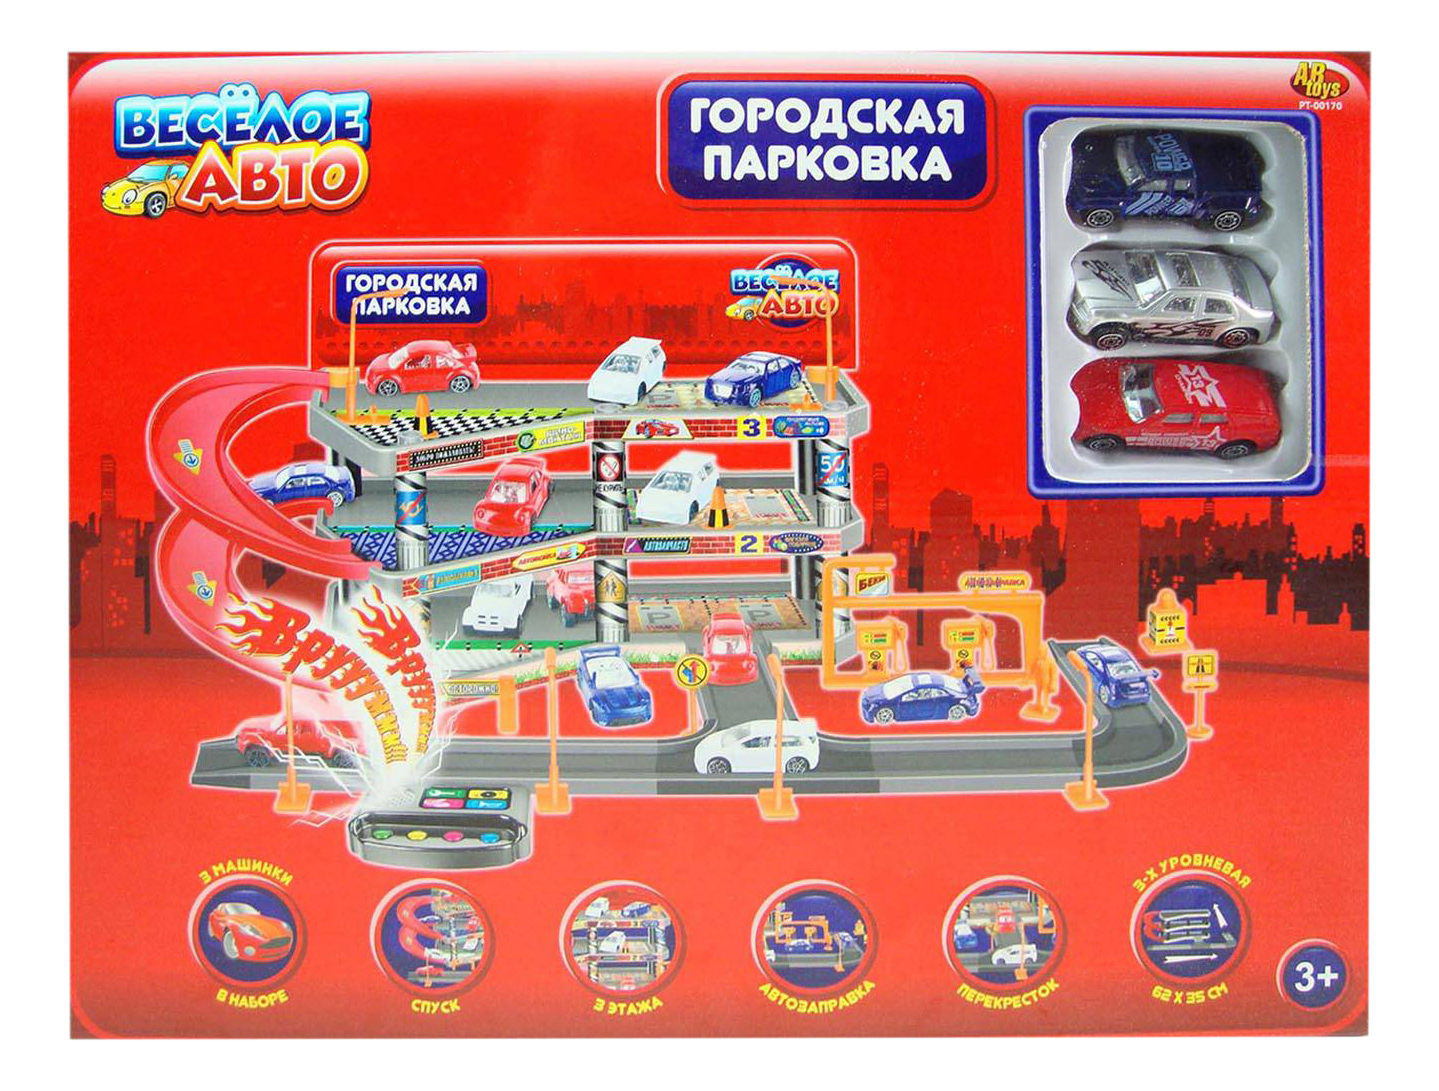 Парковка игрушечная Rinzo Веселое Авто городская Парковка